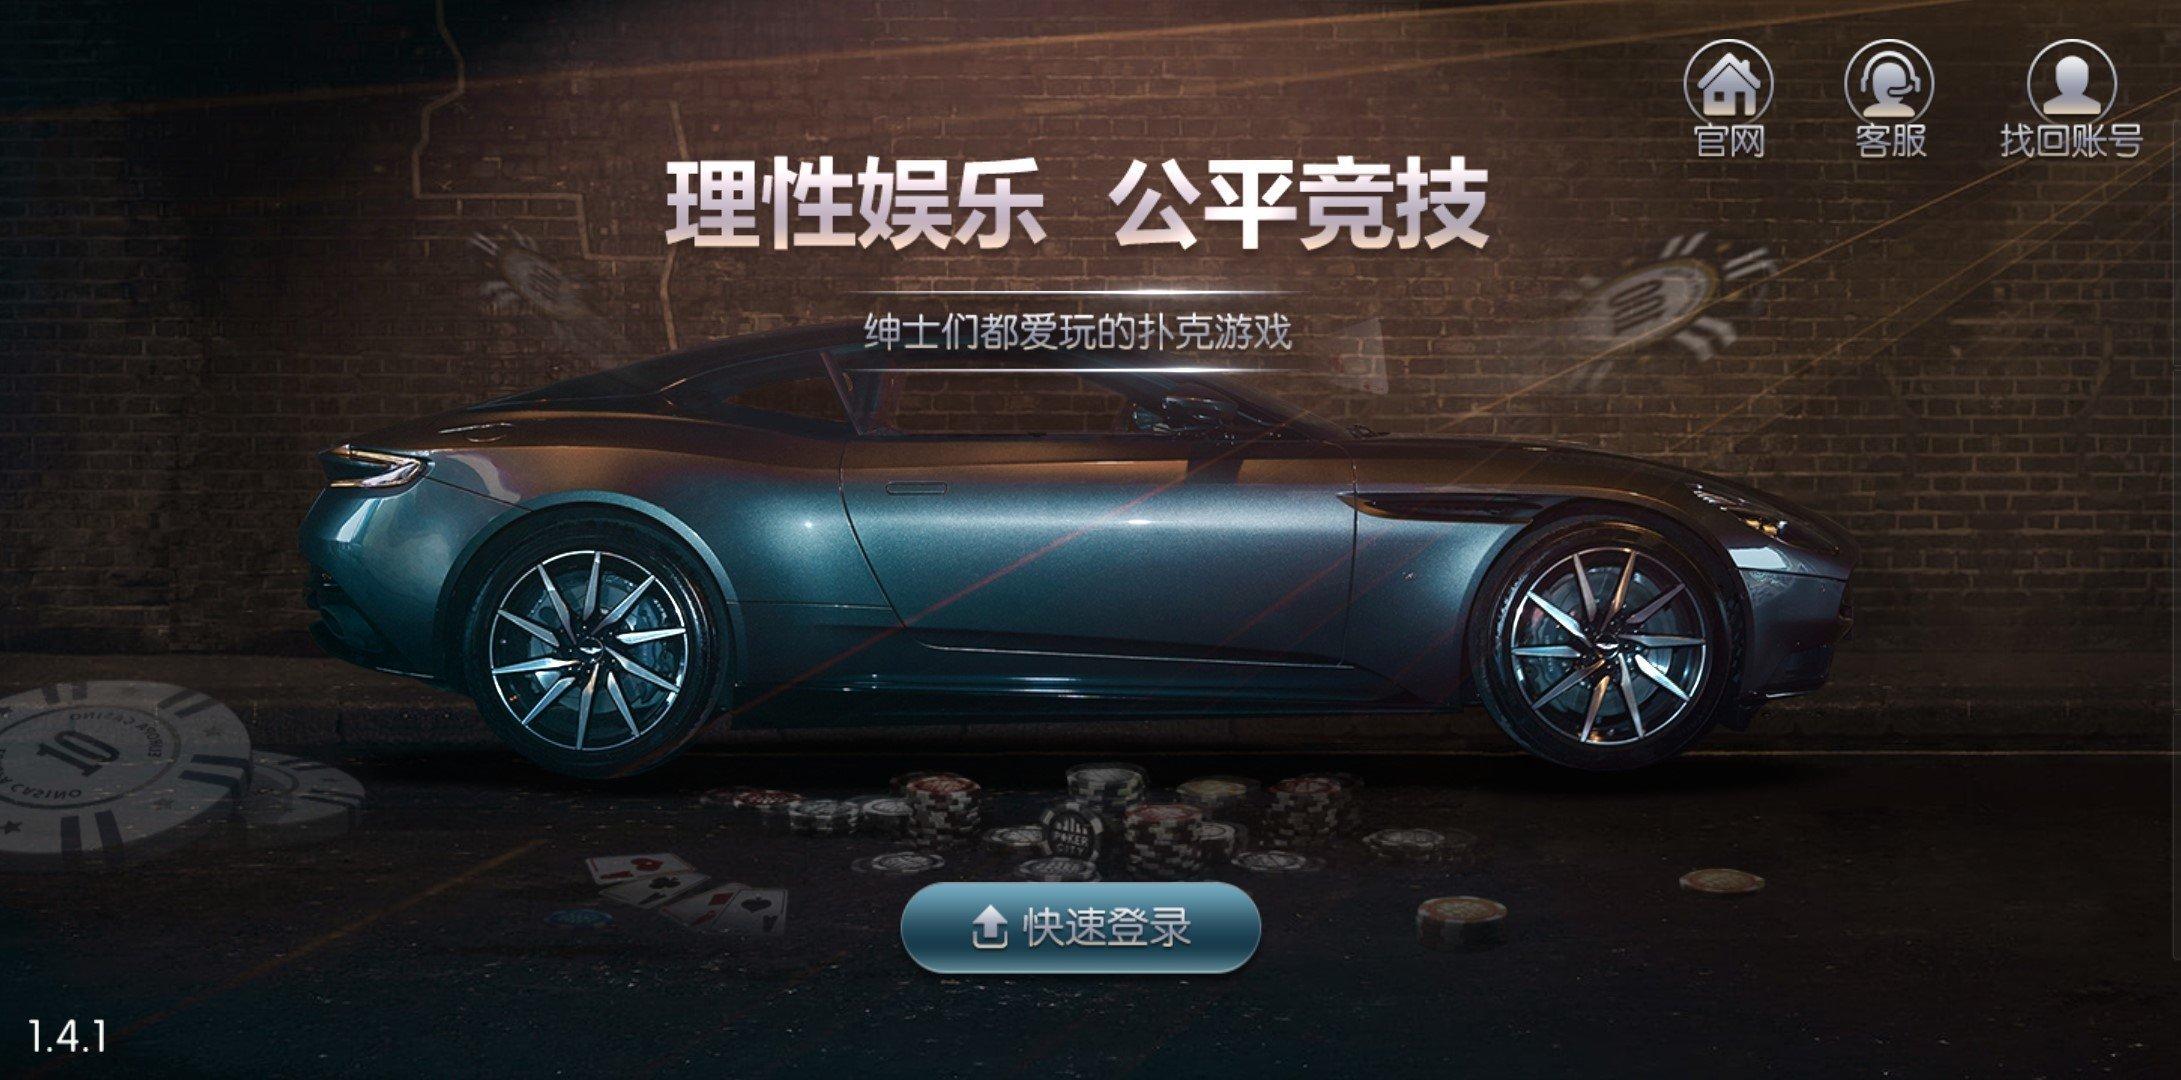 名车娱乐app截图